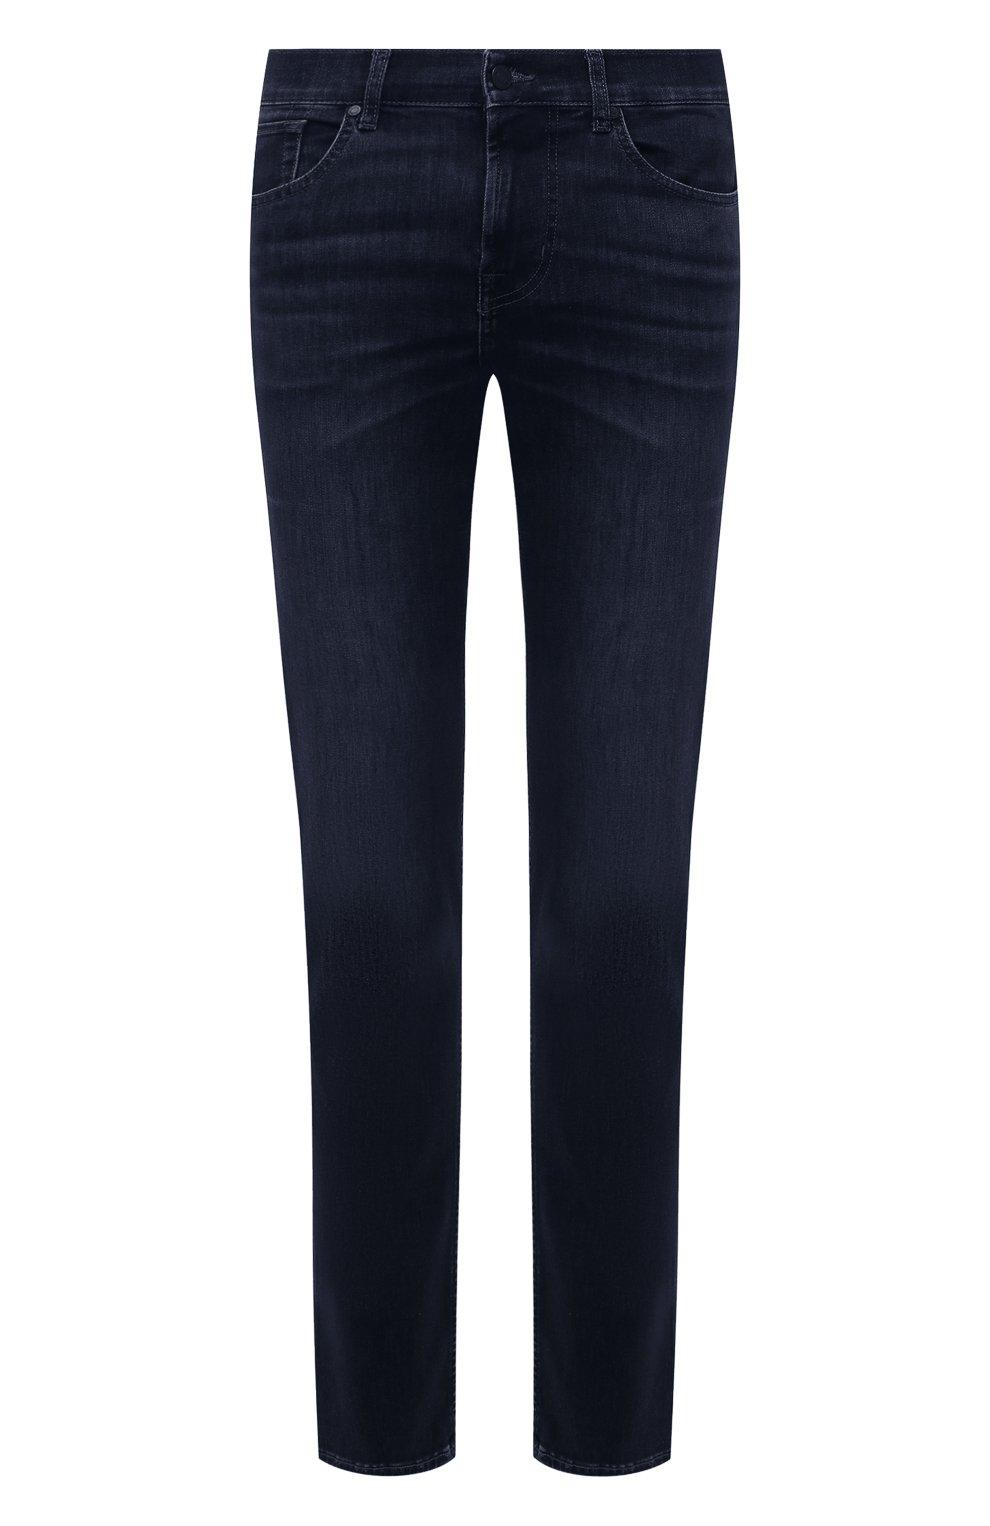 Мужские джинсы 7 FOR ALL MANKIND темно-синего цвета, арт. JSMXR460LL | Фото 1 (Силуэт М (брюки): Прямые; Длина (брюки, джинсы): Стандартные; Материал внешний: Хлопок; Стили: Кэжуэл)